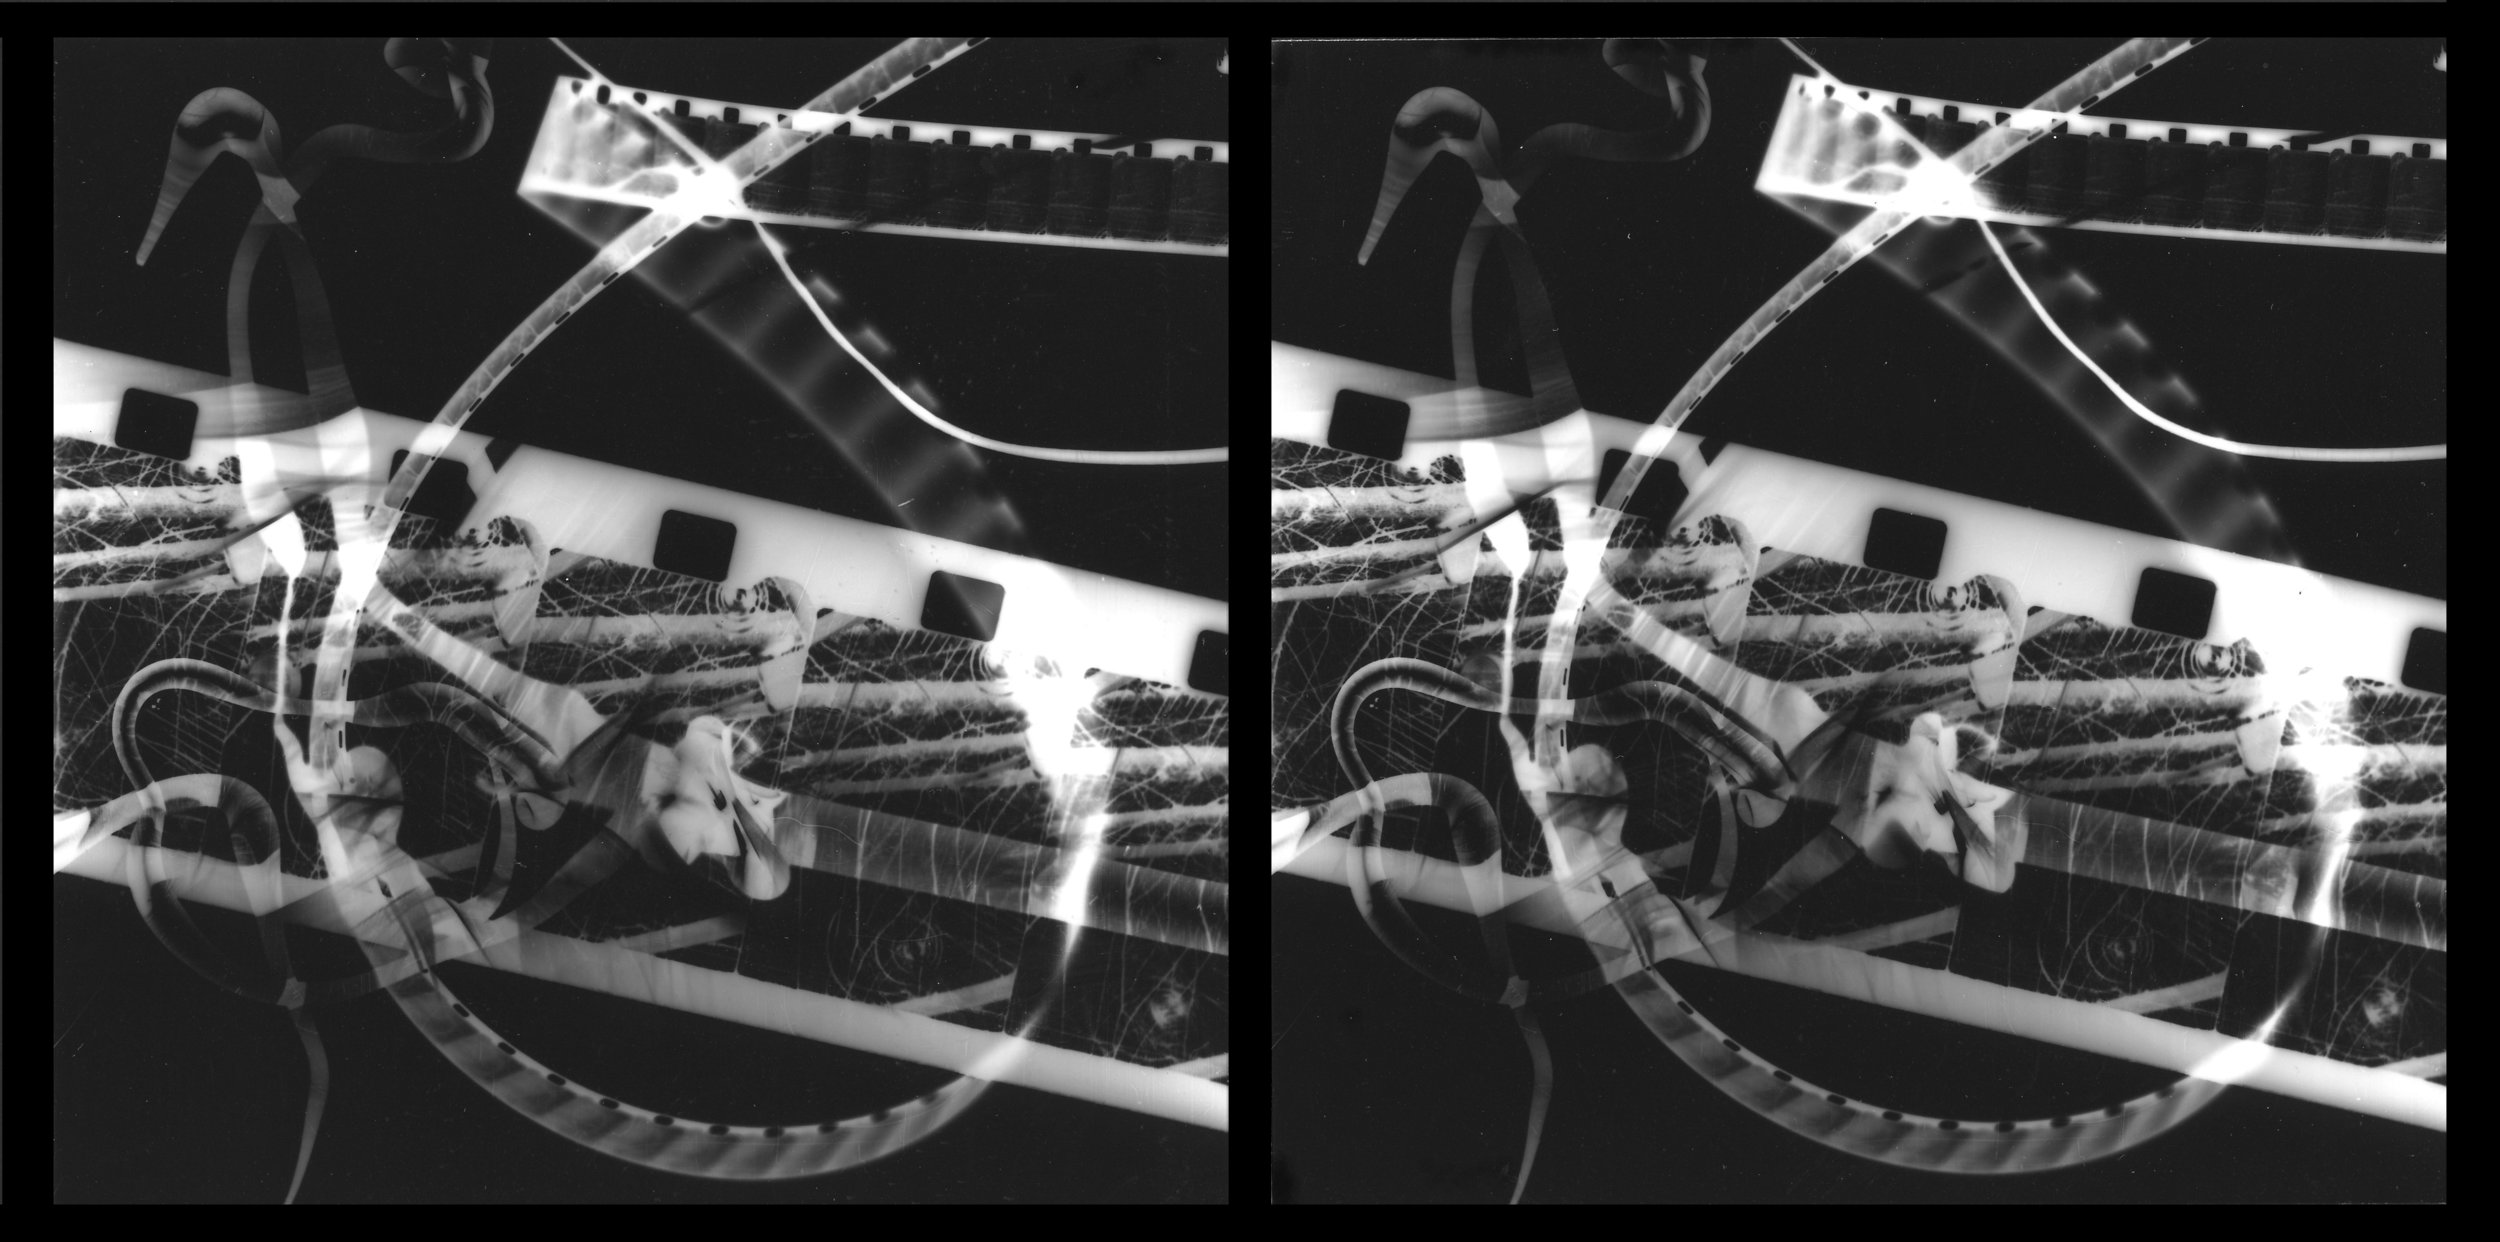 Stereo photogram, 2004